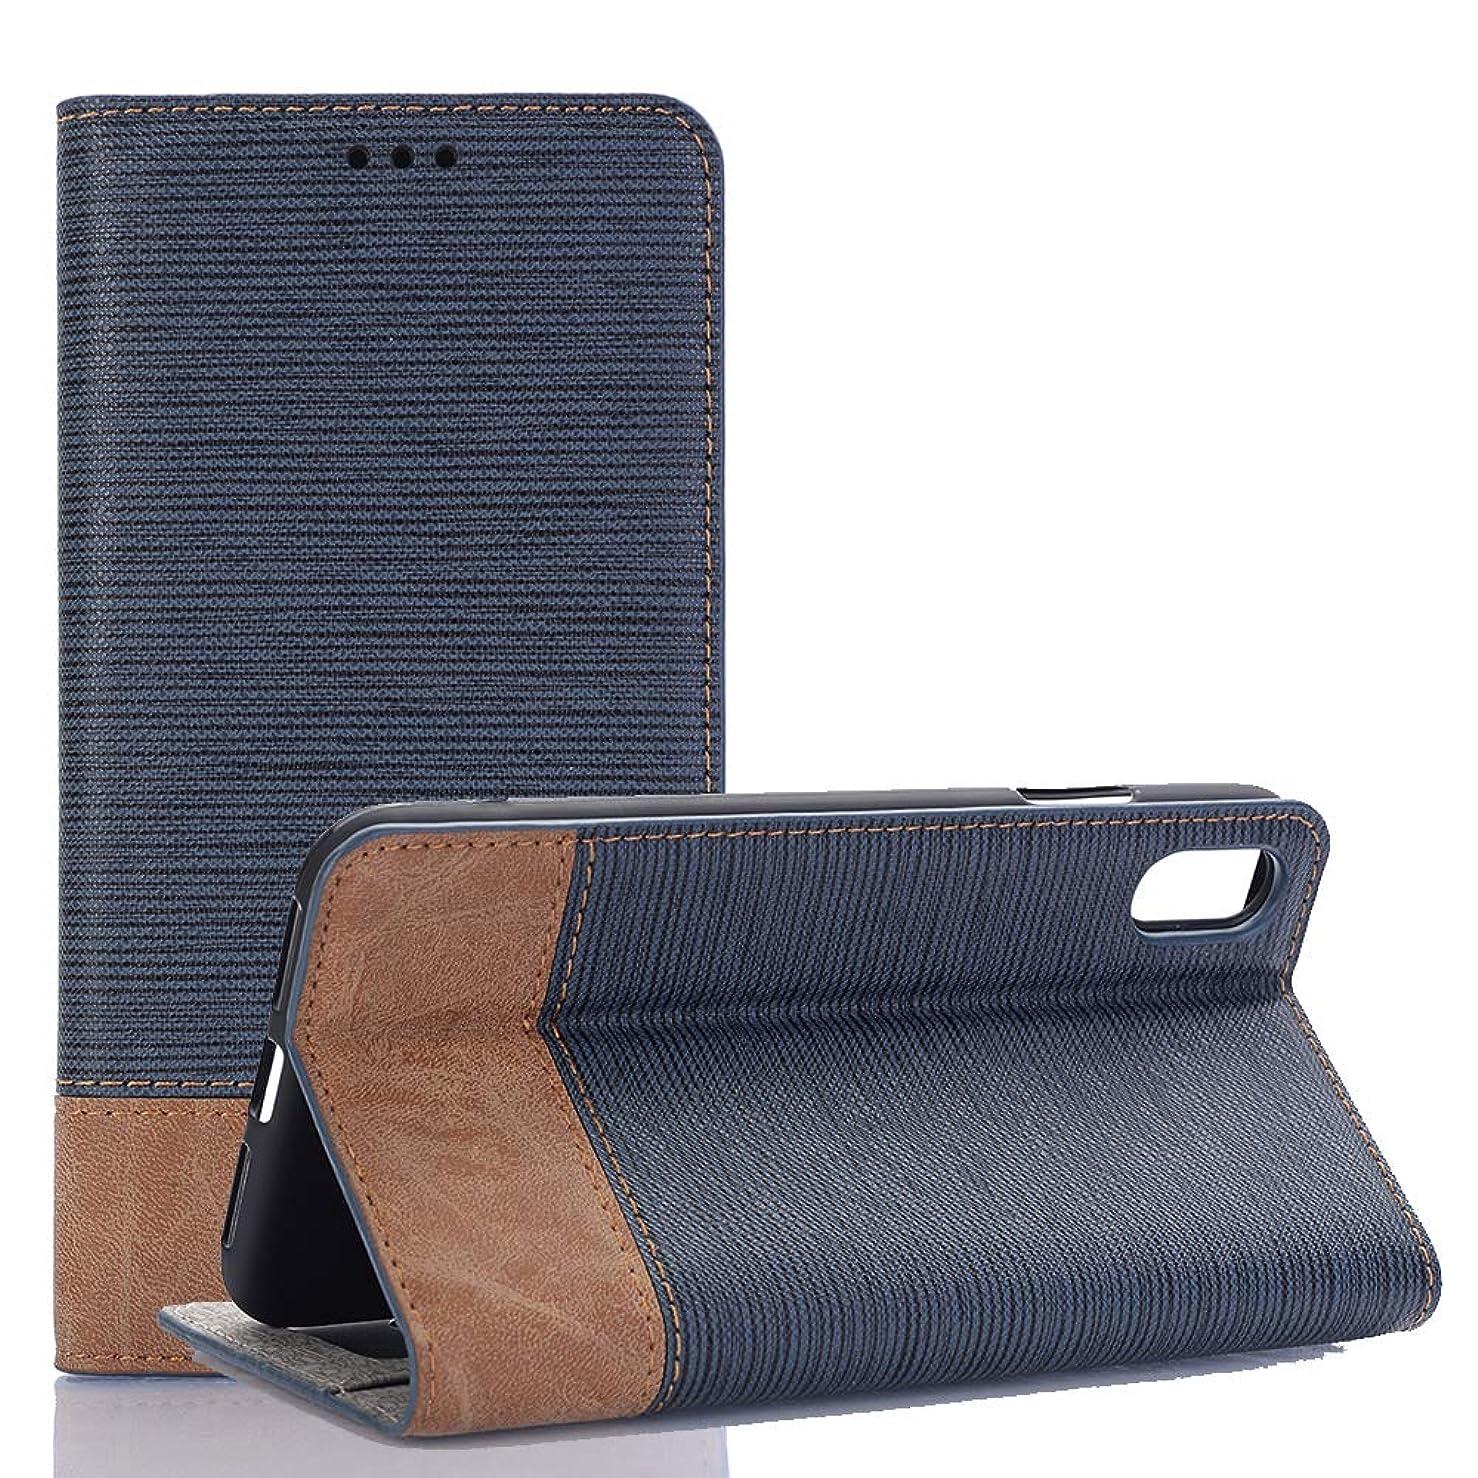 意味のある比喩希少性iPhone XS Max ケース 財布型、INorton 本革ケース 全面保護 衝撃吸収 スタンド機能 カード収納 手帳型 スマートケース iPhone XS Max対応